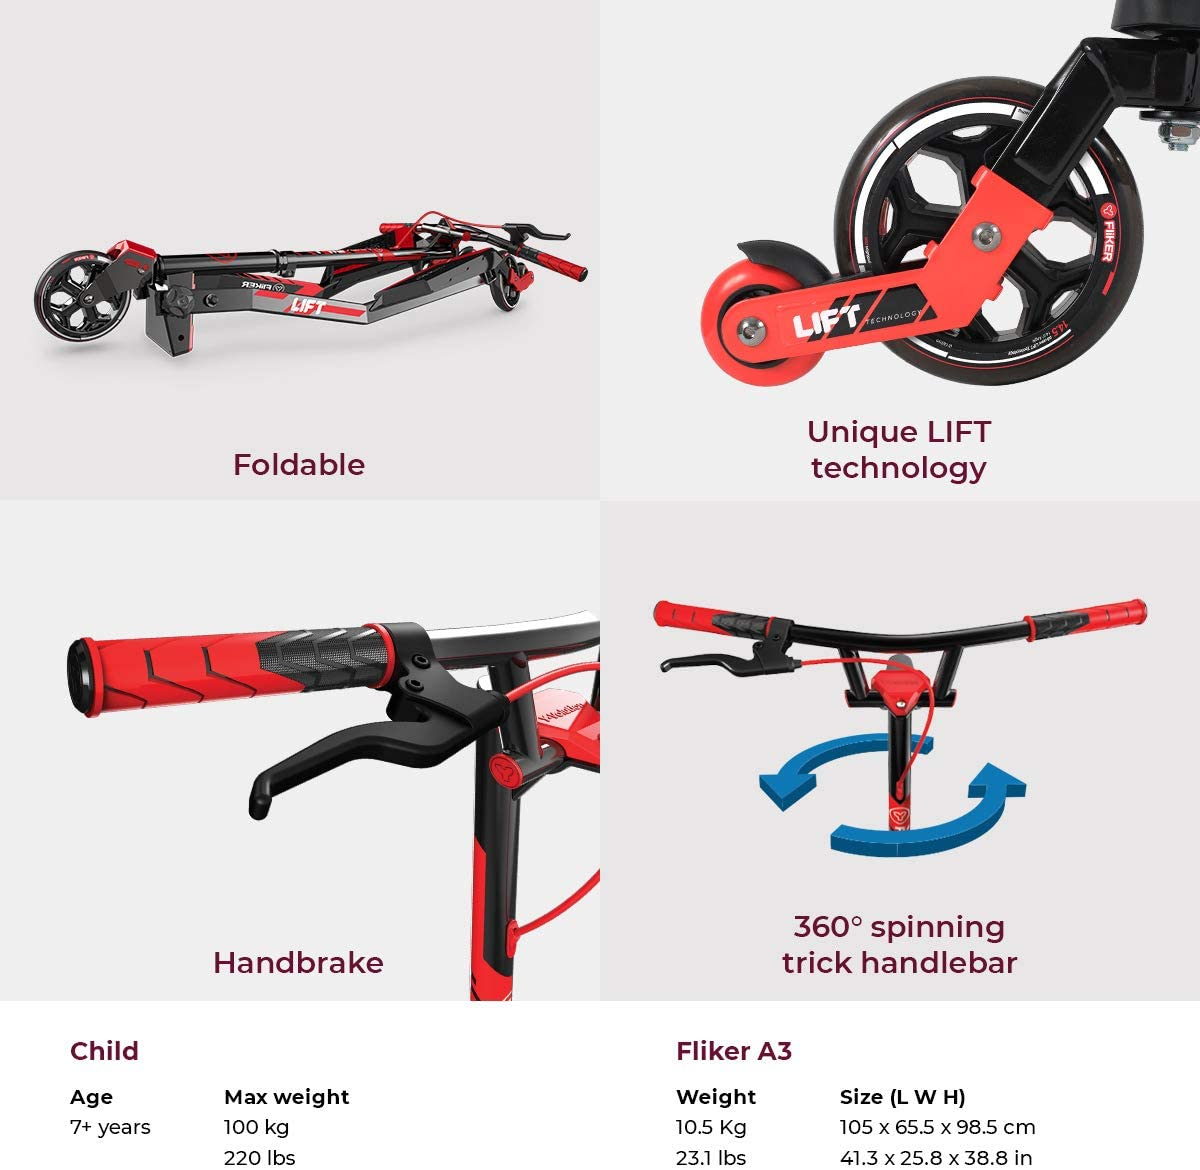 Amazon.com: Yvolution Y Fliker Lift - Patinete para niños de ...